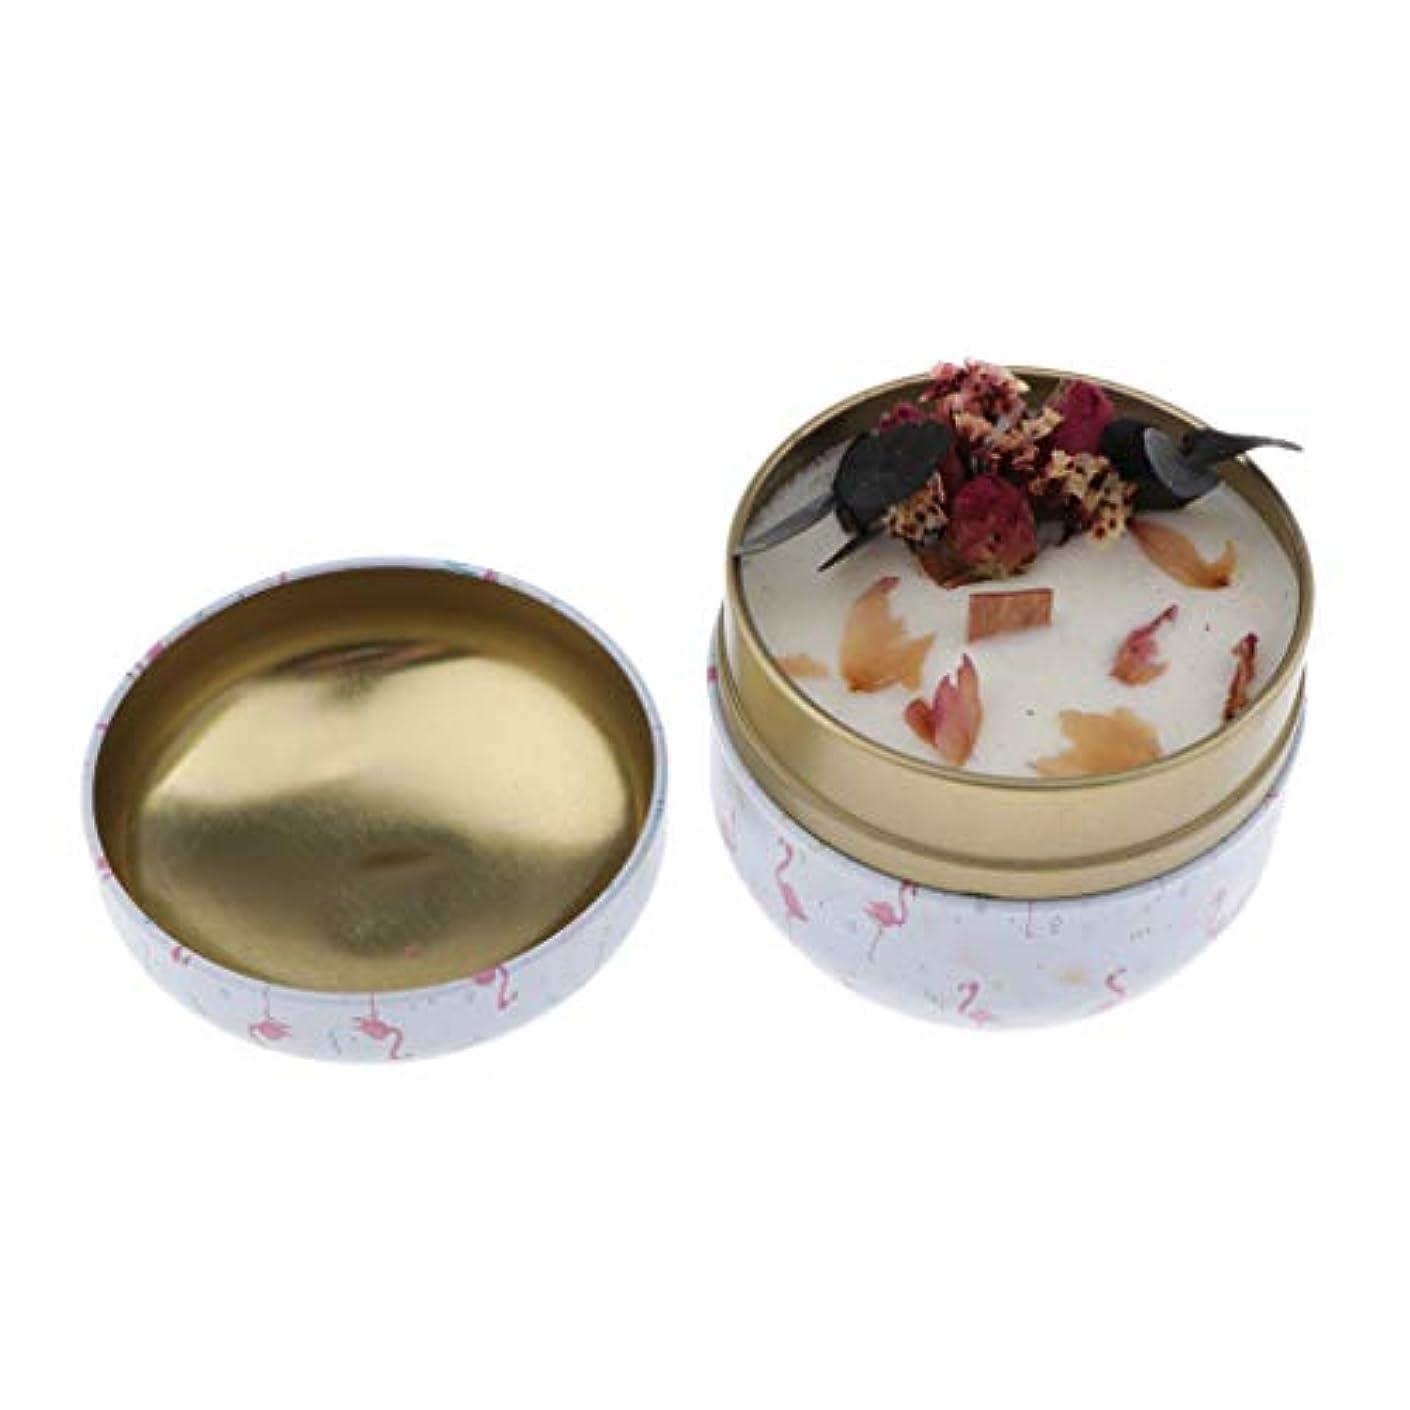 美人化合物カップHellery 大豆ワックス アロマキャンドル カップキャンドル キャンドル ライト 全4カラー - 緑茶ベルガモット